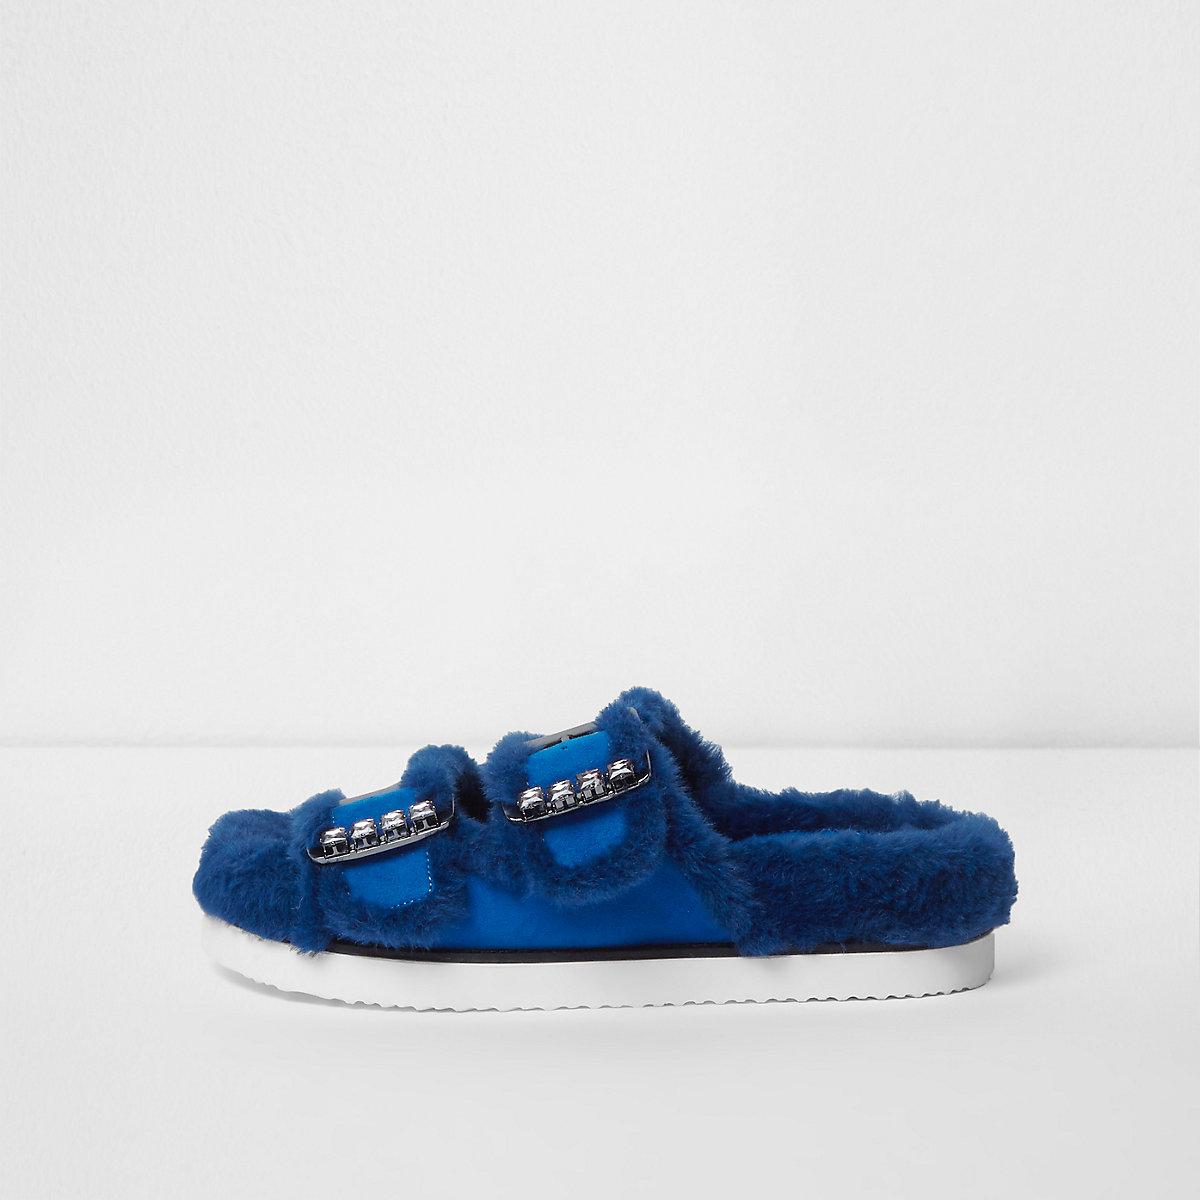 Blauwe sandalen van imitatiebont met siersteentjes en gesp